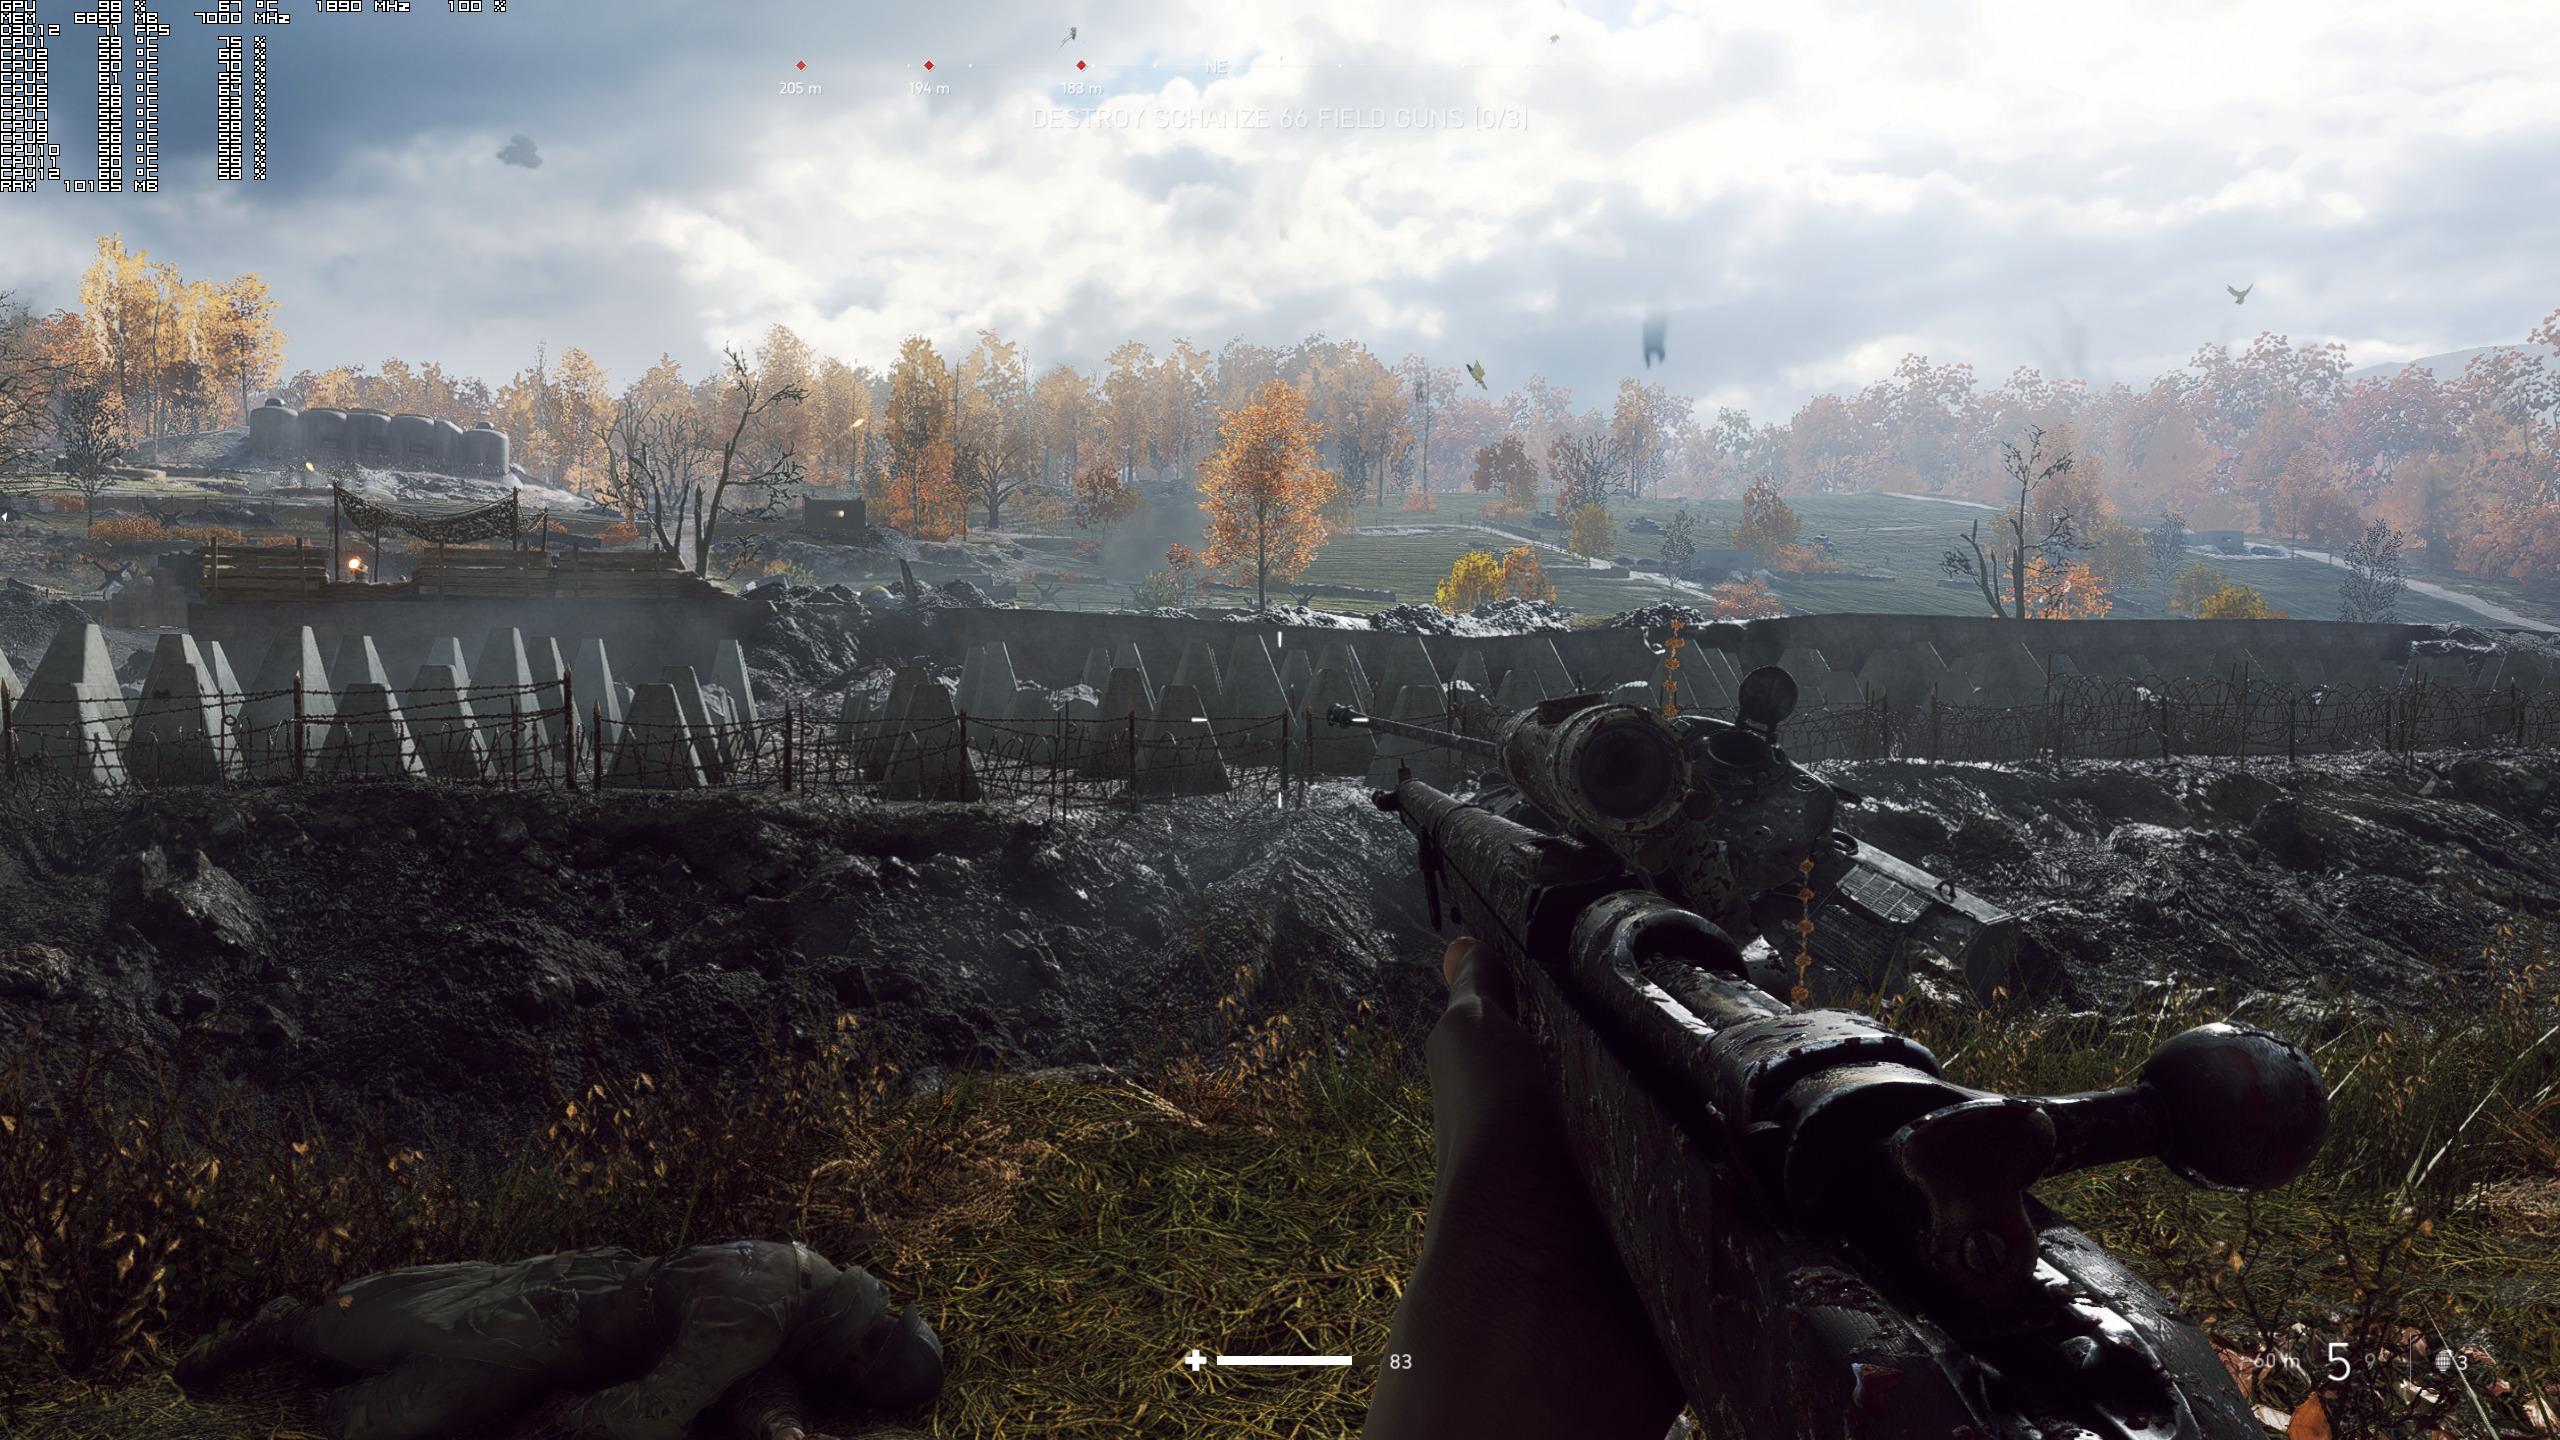 《战地5》更新后光线追踪进步明显 2K分辨率能达60帧